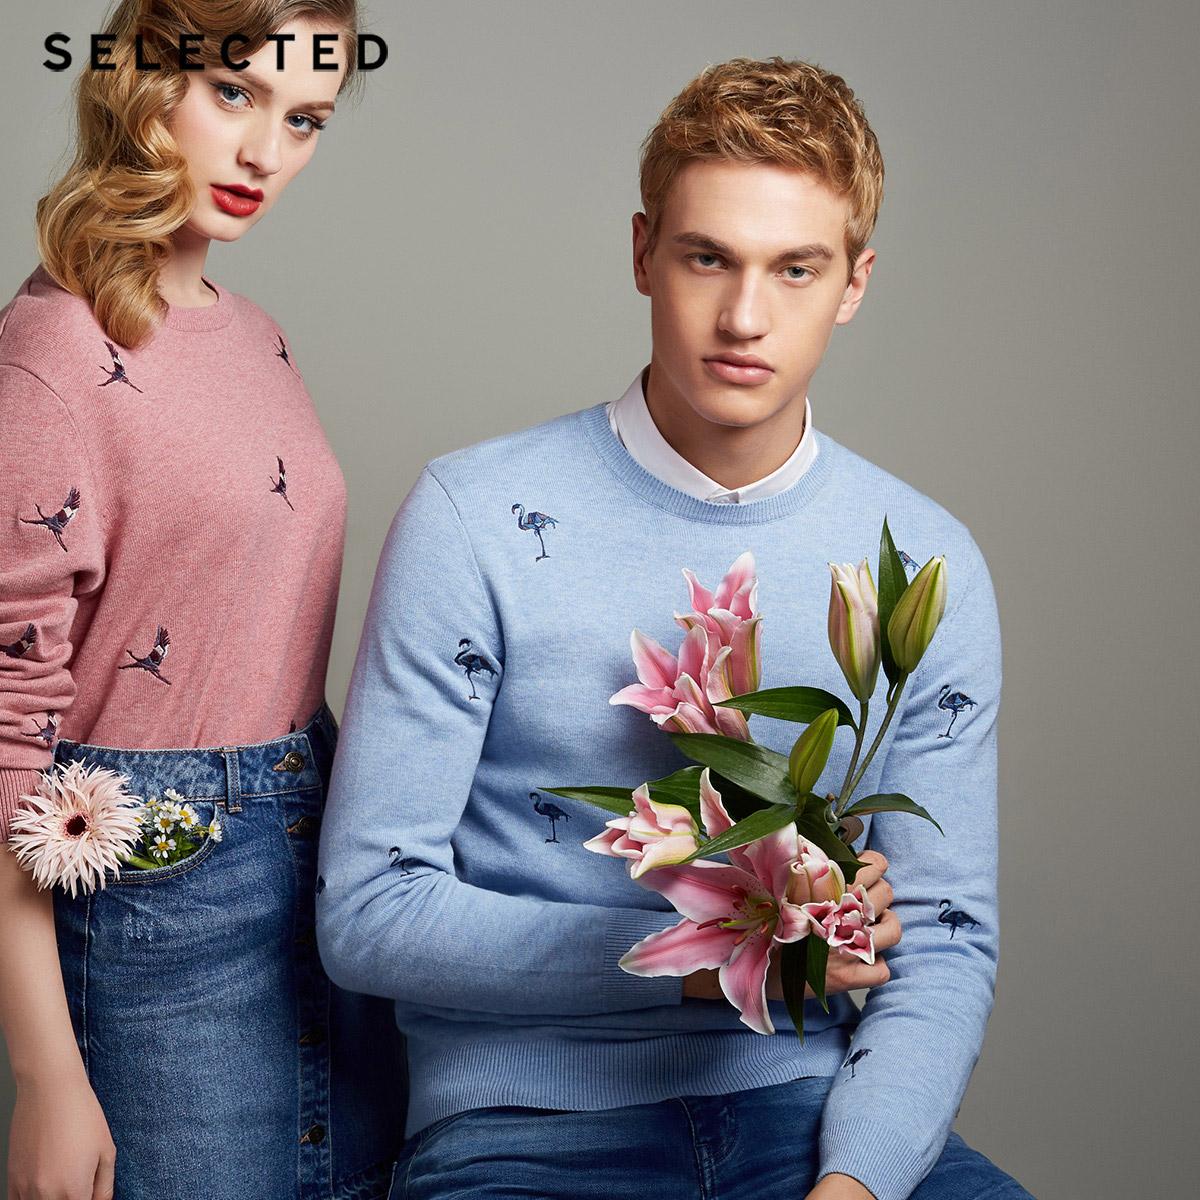 Собирать SELECTED мысль сорняки мораль хлопок тенденция вышитый круглый вырез случайный мужчина свитер свитер C|418124526